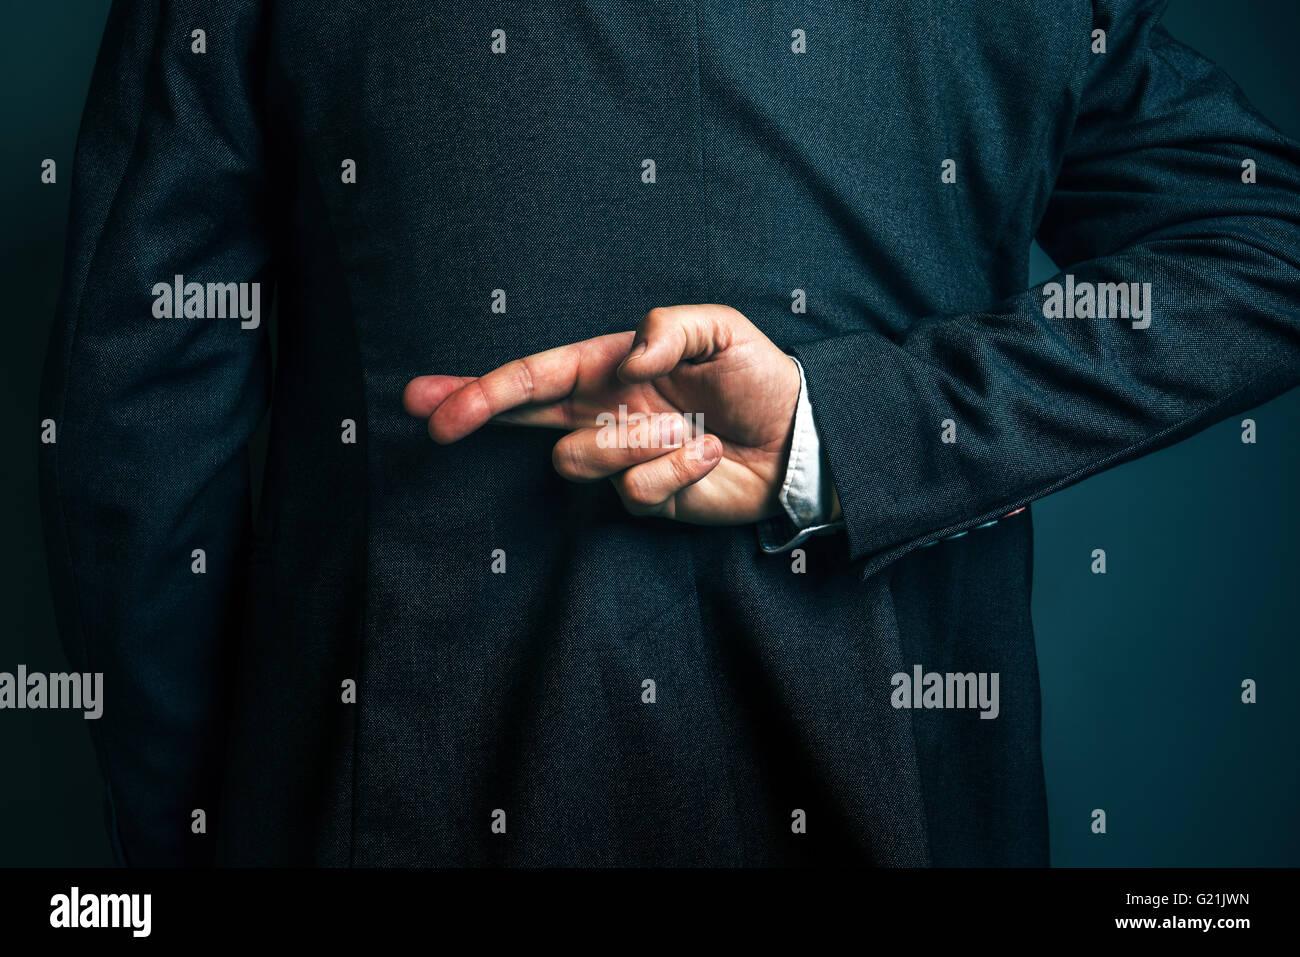 Homme d'affaires malhonnête de dire des mensonges, le mensonge d'affaires holding doigts croisés Photo Stock